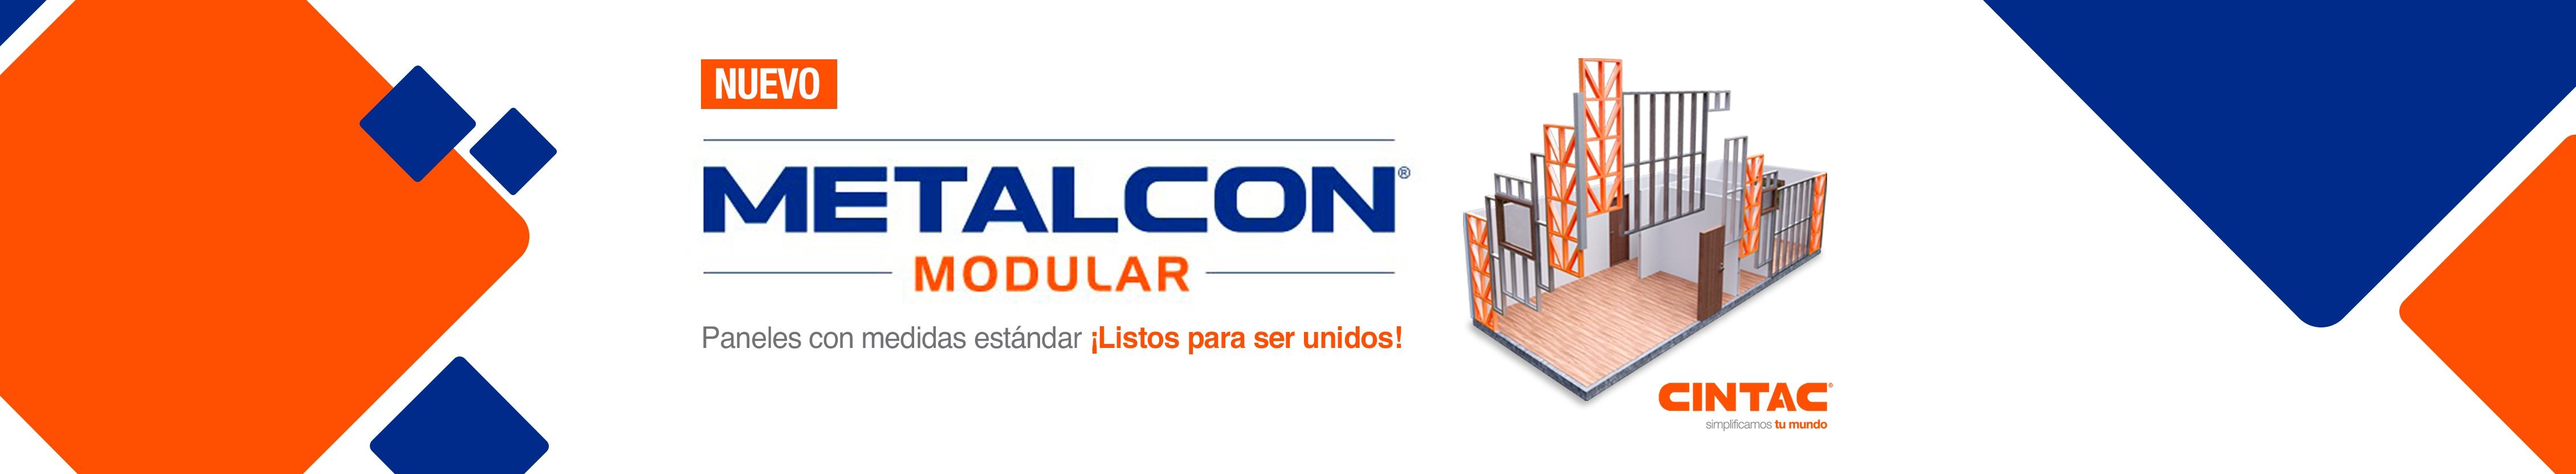 Metalcon Modular